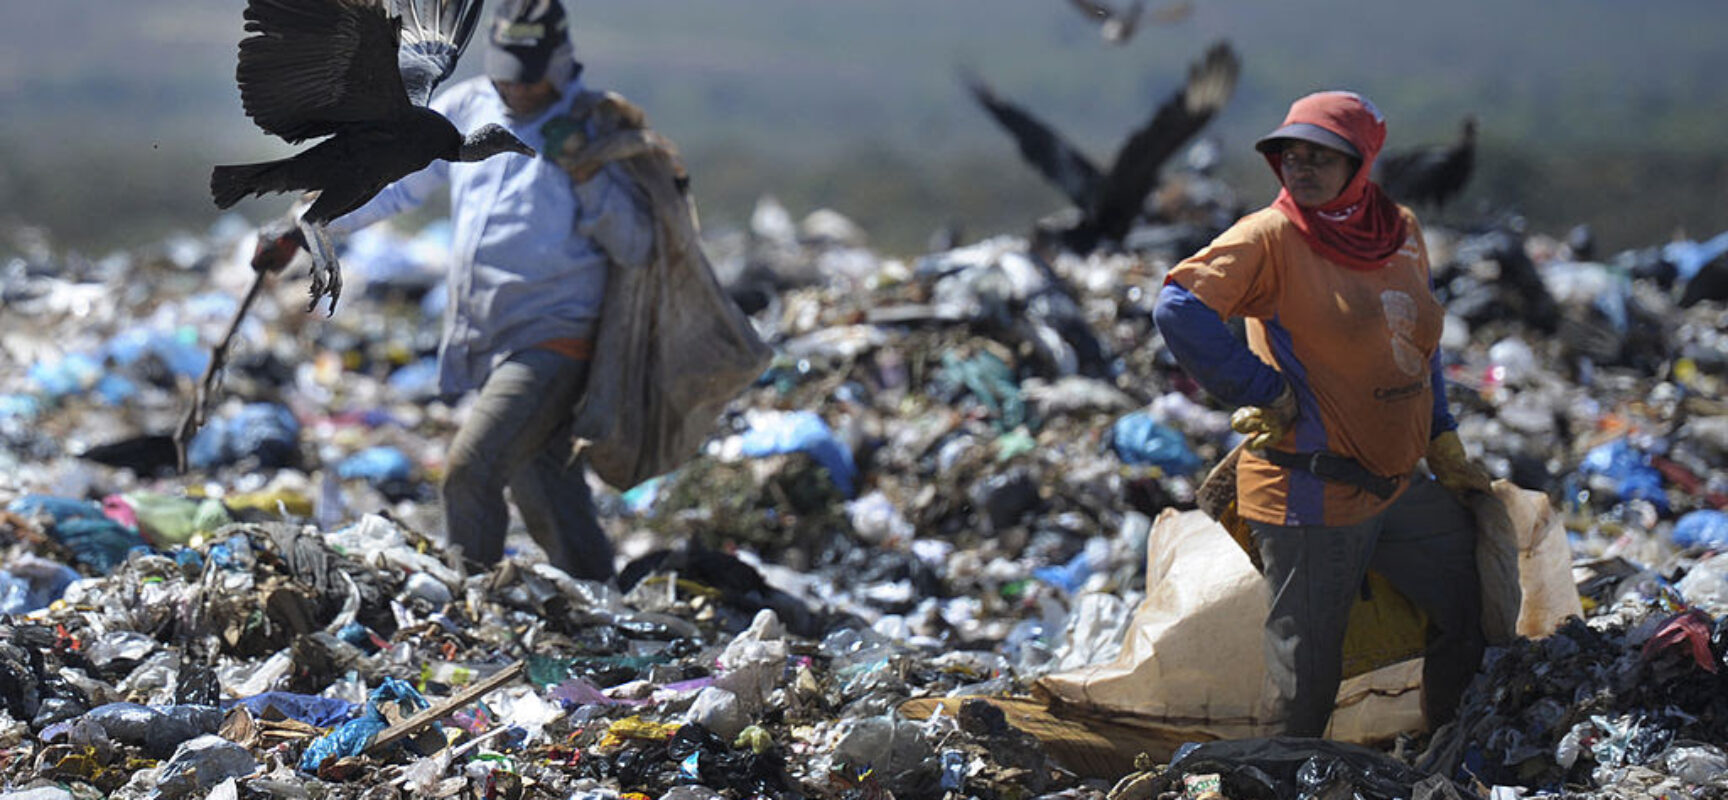 Brasil tem alto índice de descarte incorreto de lixo em aterros sanitários, aponta pesquisa